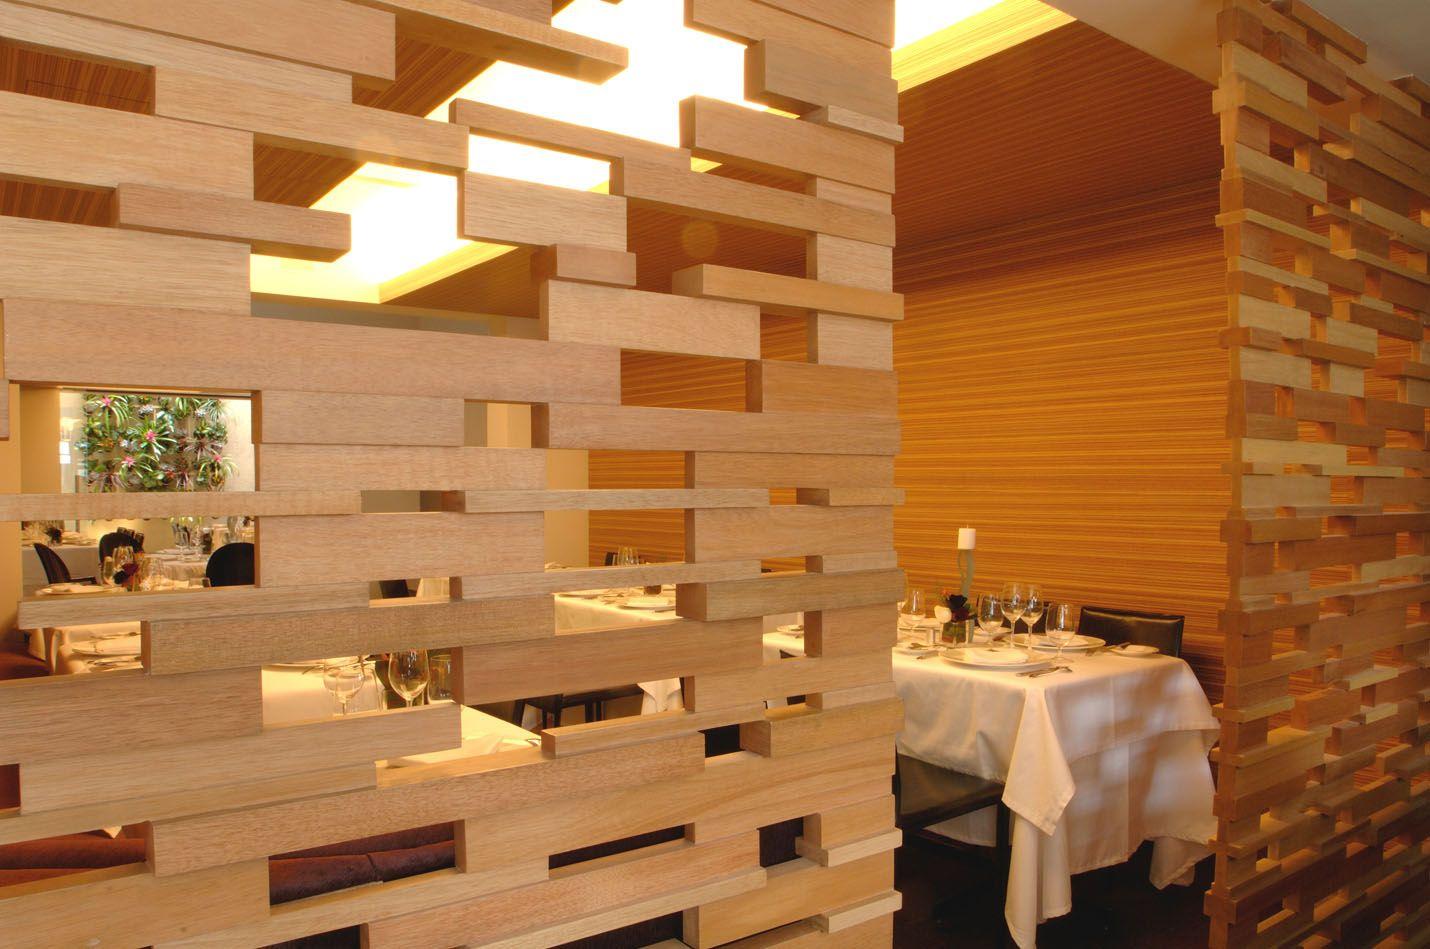 Galer a de restaurante jaso serrano monjaraz arquitectos for Muebles aznar